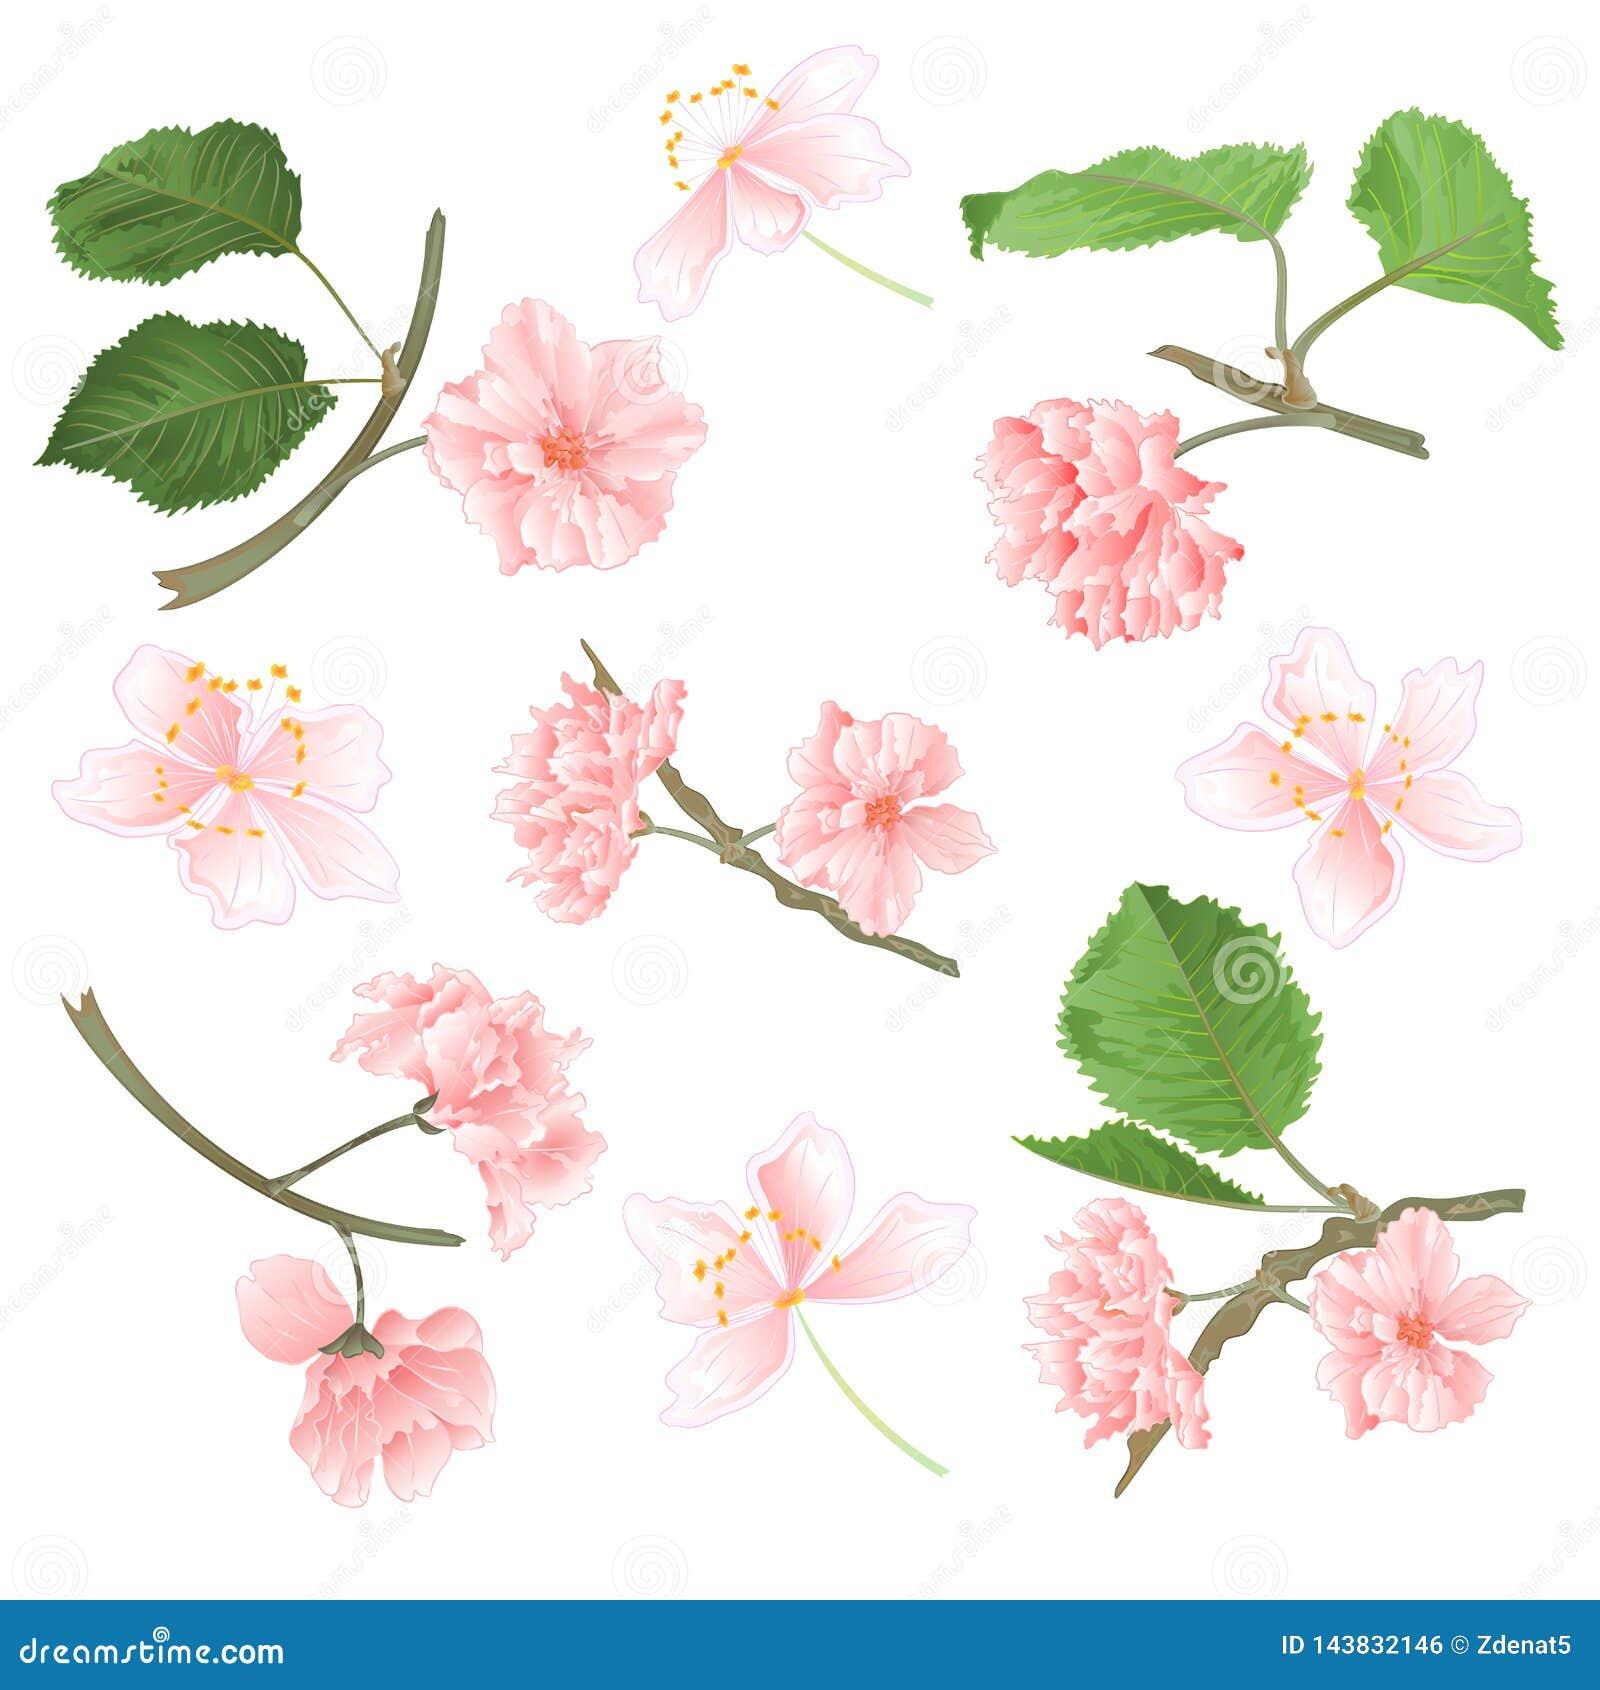 Bloesemssakura op een witte uitstekende vector natuurlijke editable die illustratie wordt geplaatst als achtergrond